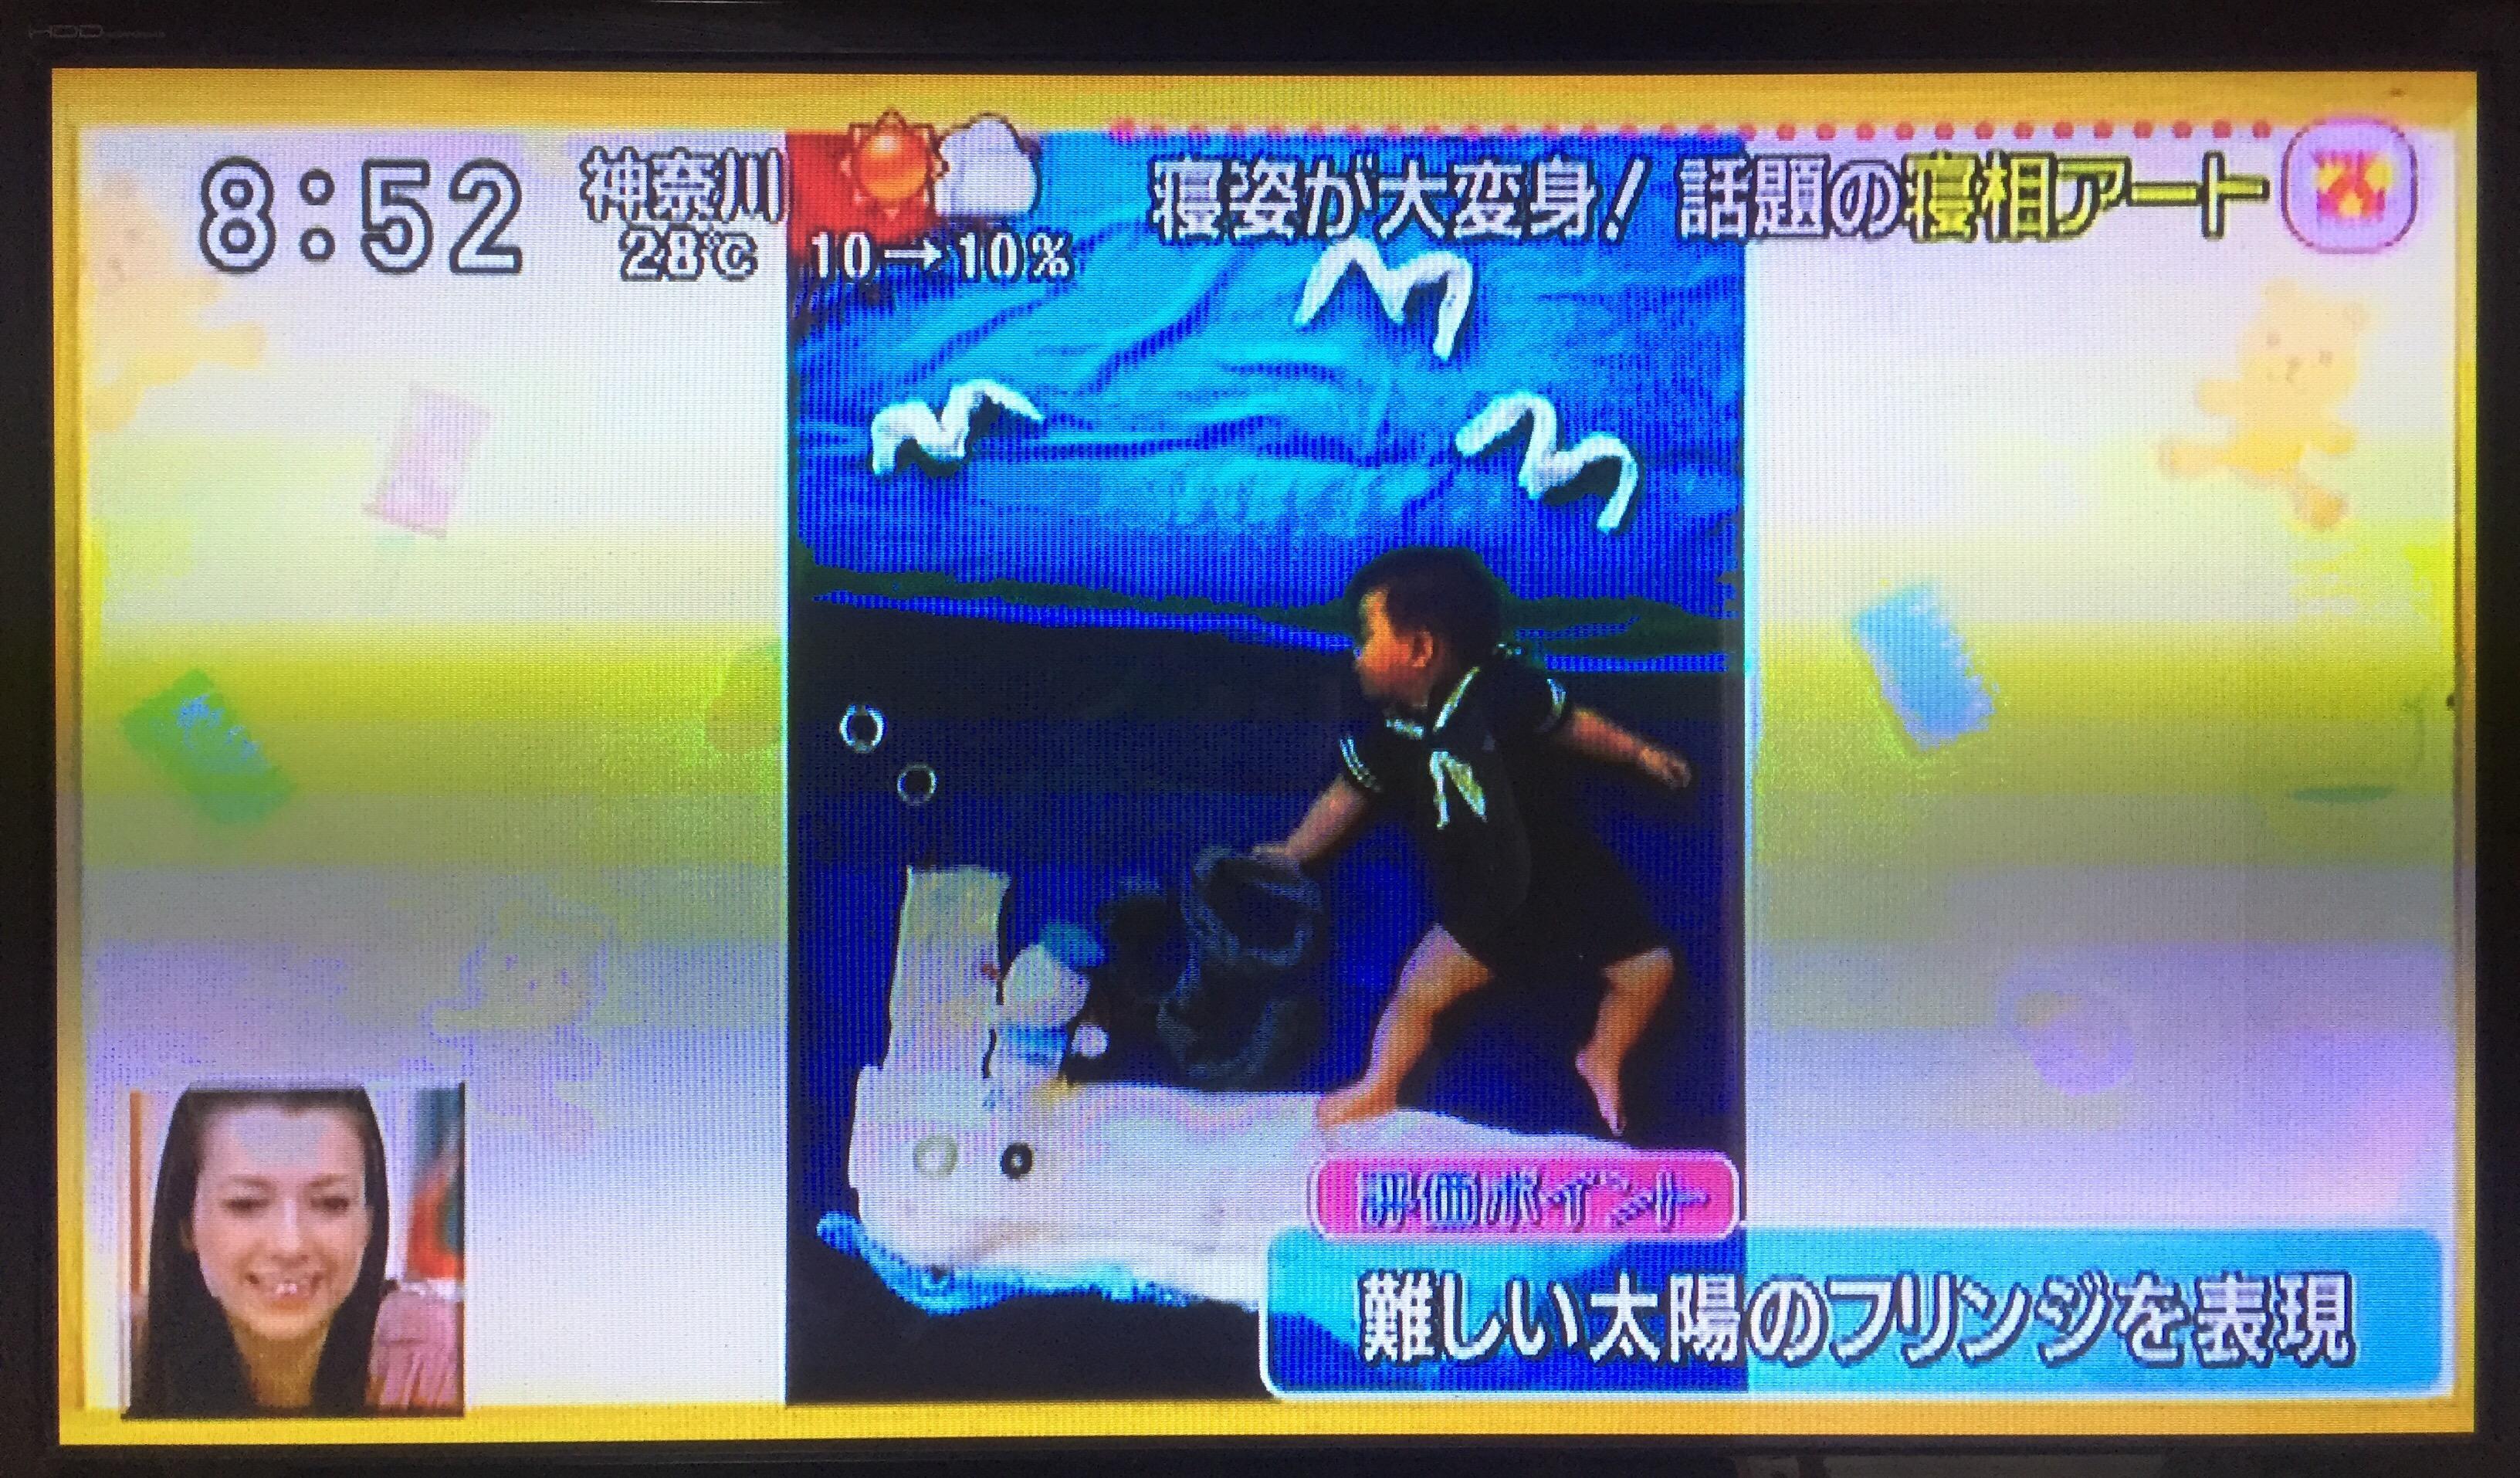 寝相アート-すいへいさん-日本テレビスッキリ!!